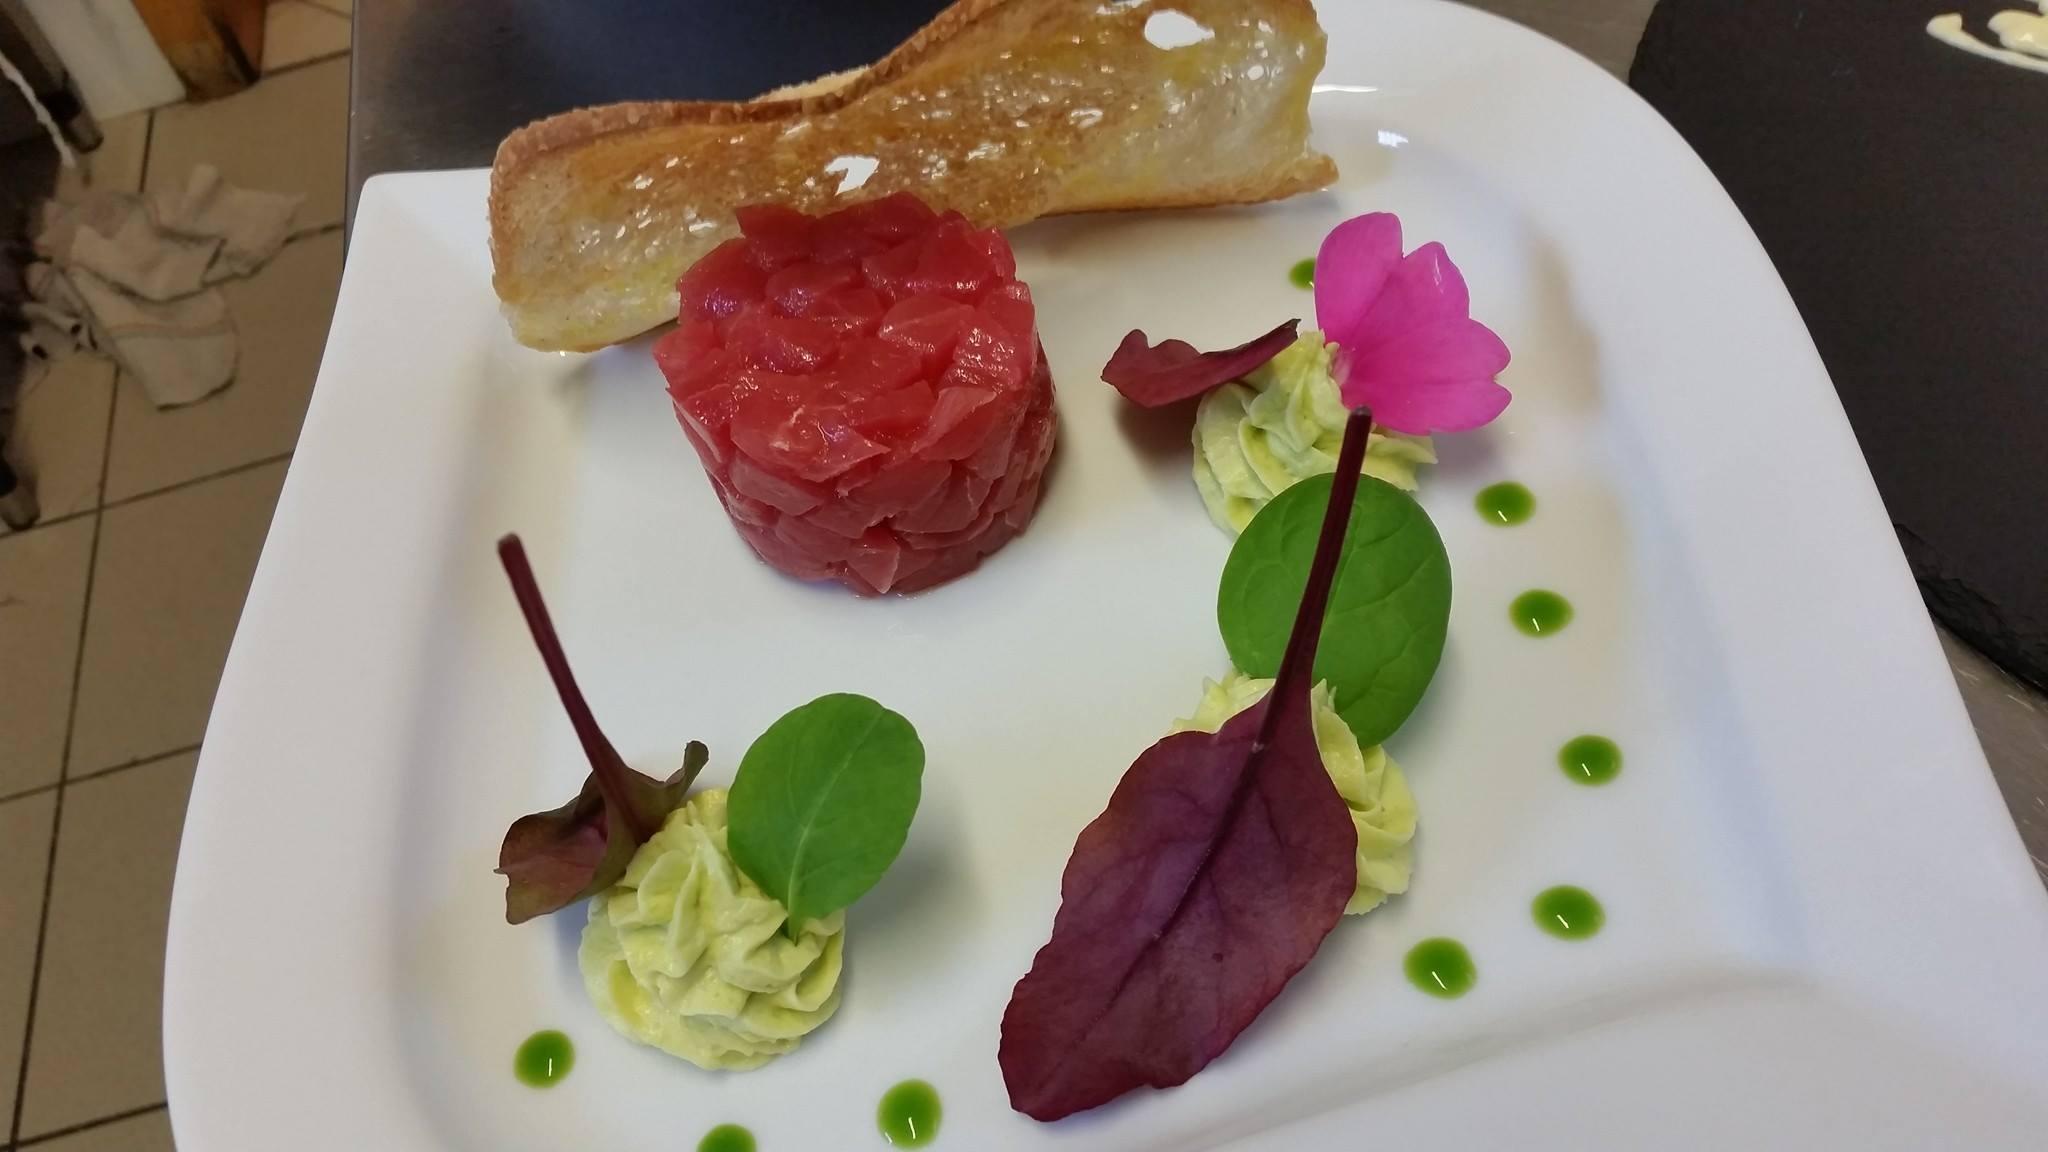 tartare di carne, mousse, fetta di pane, basilico, salsa verde decorativa, foglie e petali di fiore rosa